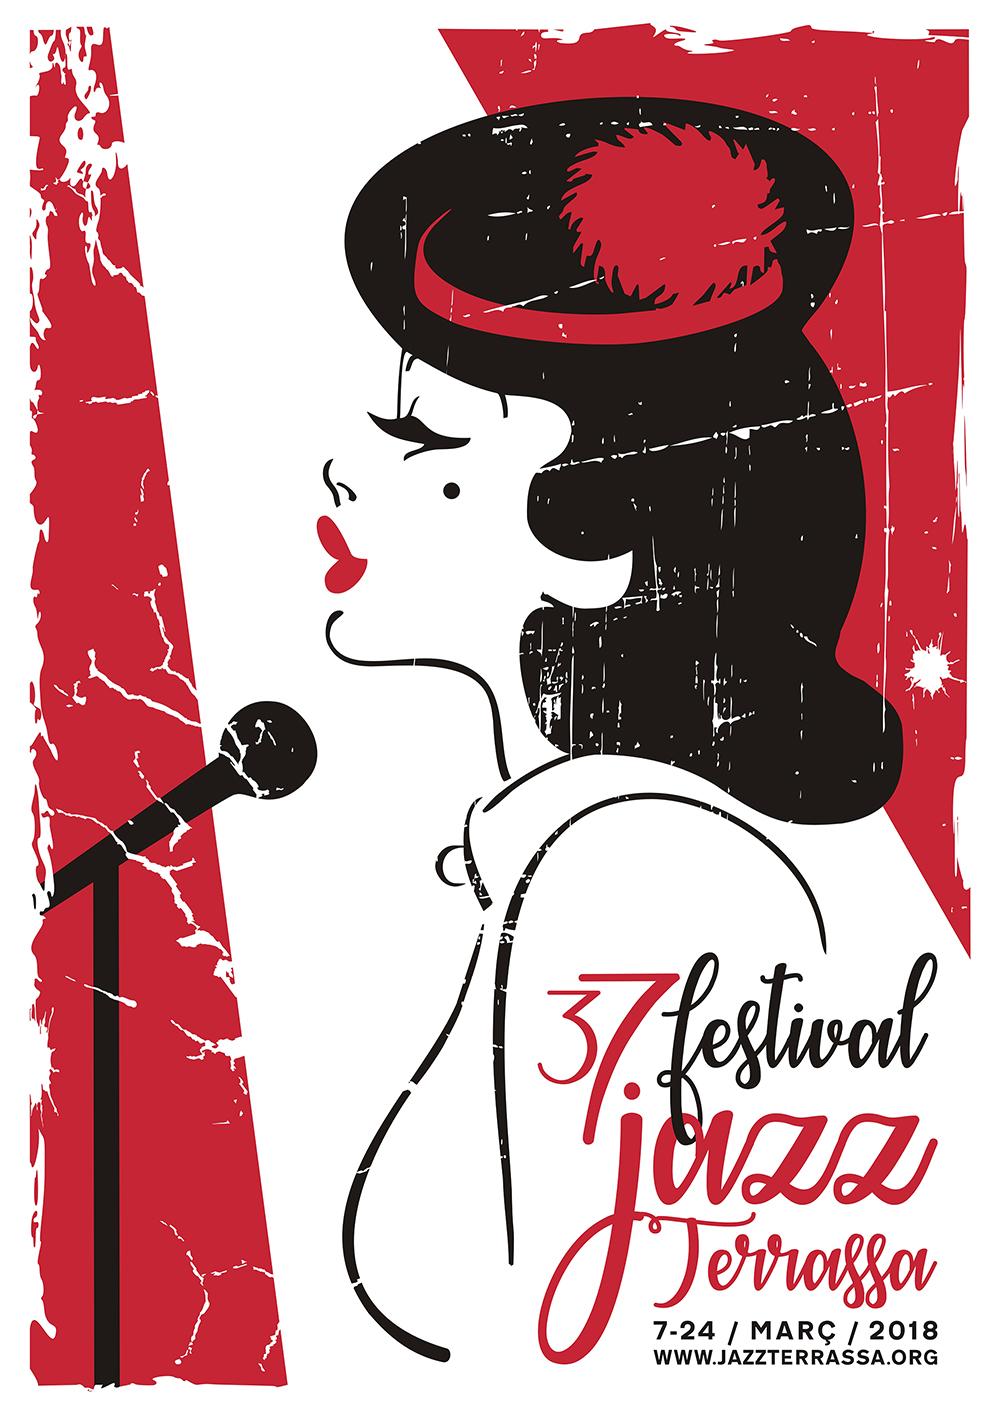 Cartell 37 Festival Jazz Terrassa